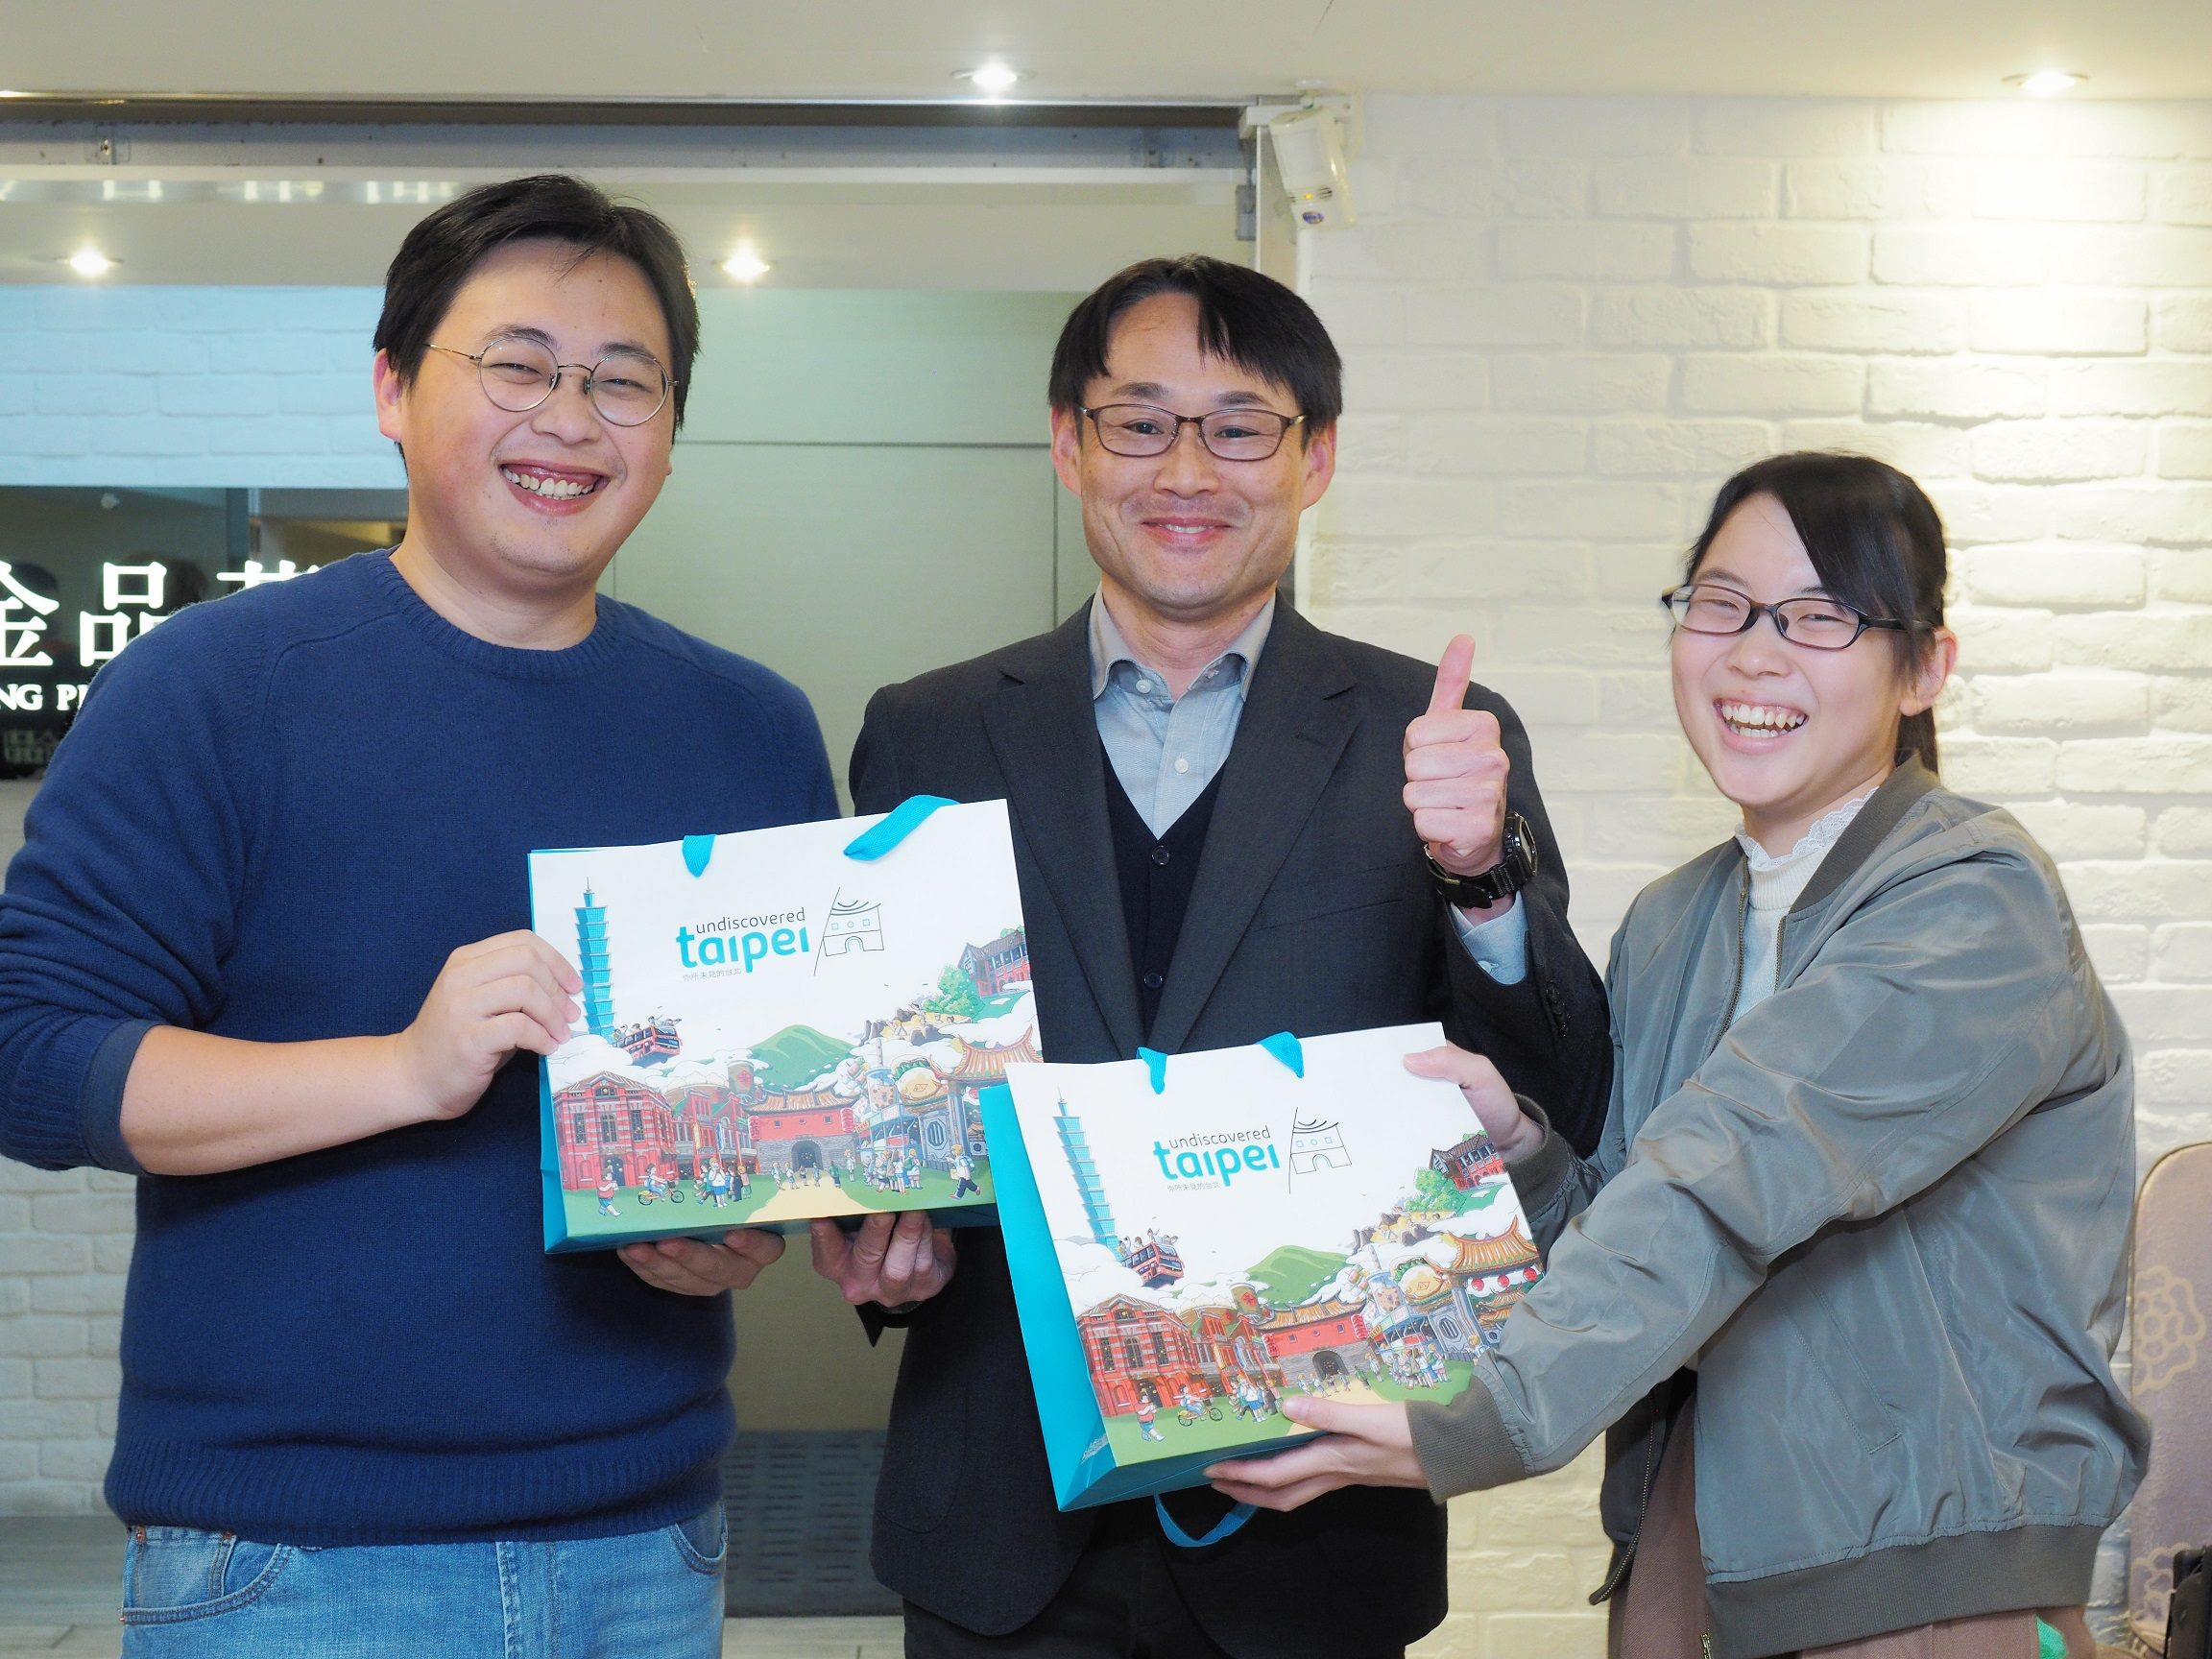 臺北市政府觀光傳播局致贈特色伴手禮給來訪的修學旅行師生